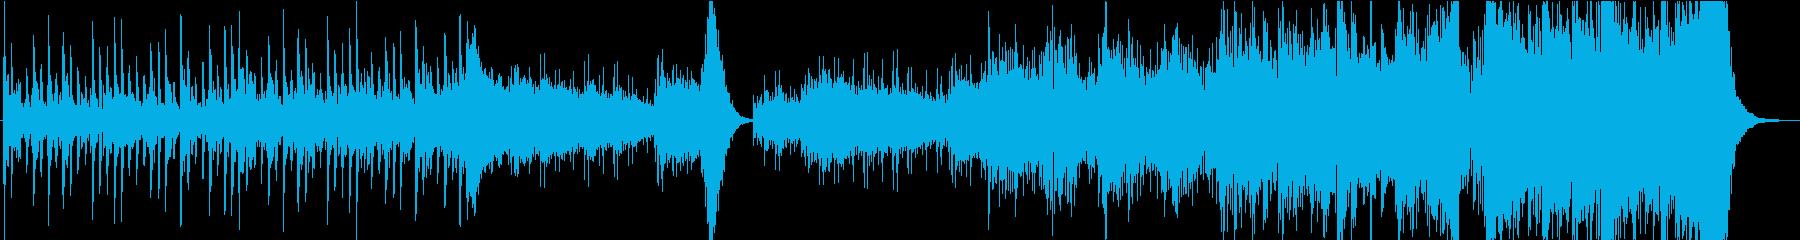 緊張感のあるハリウッド風パーカッション曲の再生済みの波形